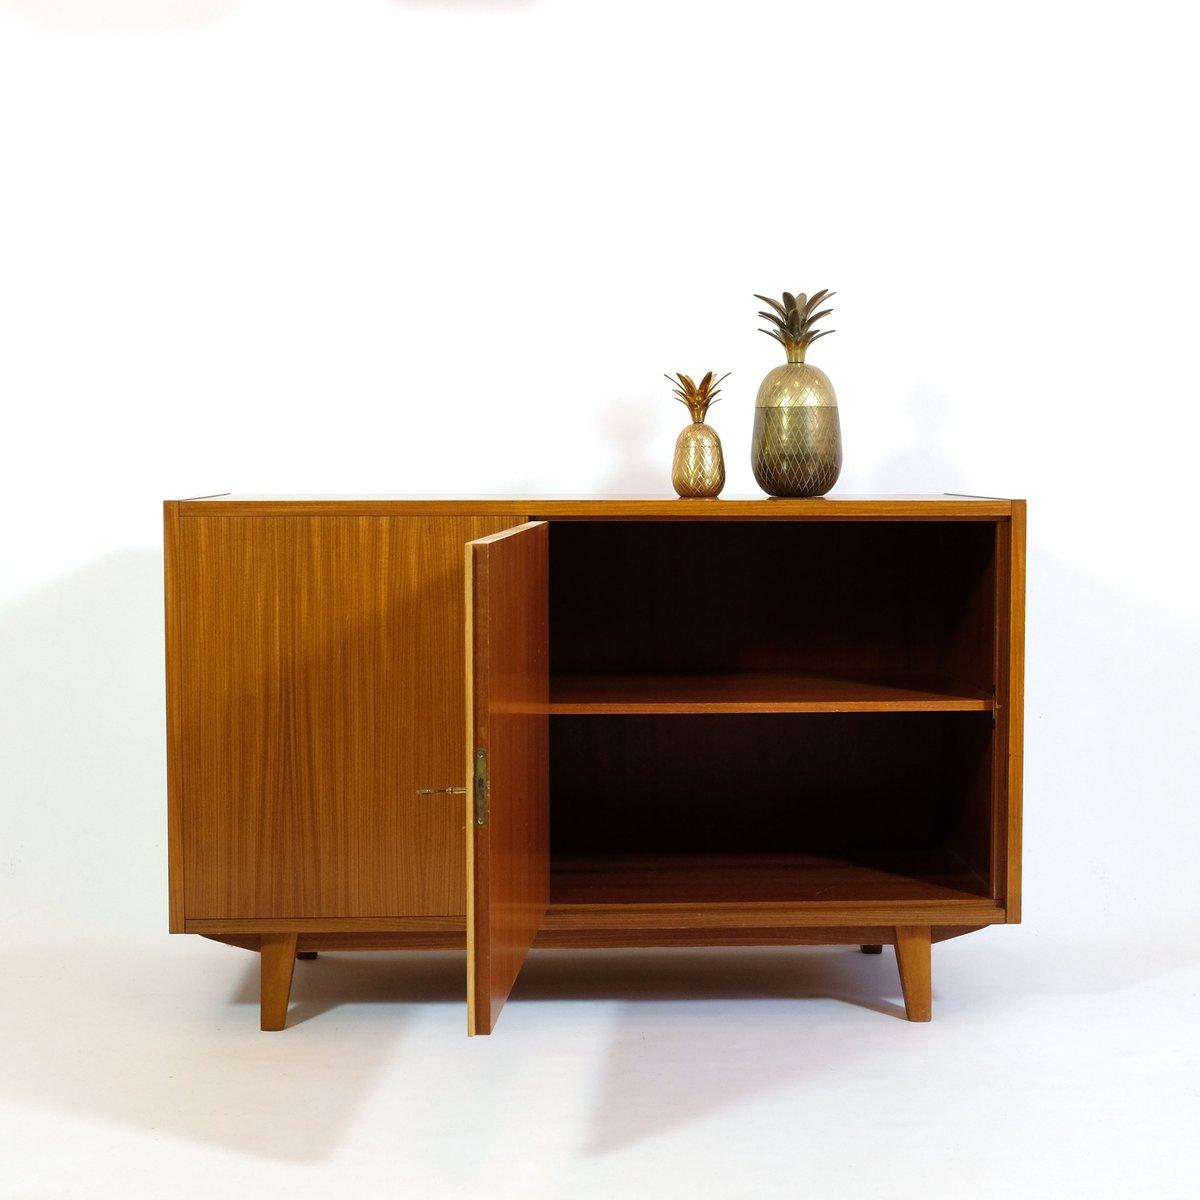 enfilade allemagne 1960s en vente sur pamono. Black Bedroom Furniture Sets. Home Design Ideas